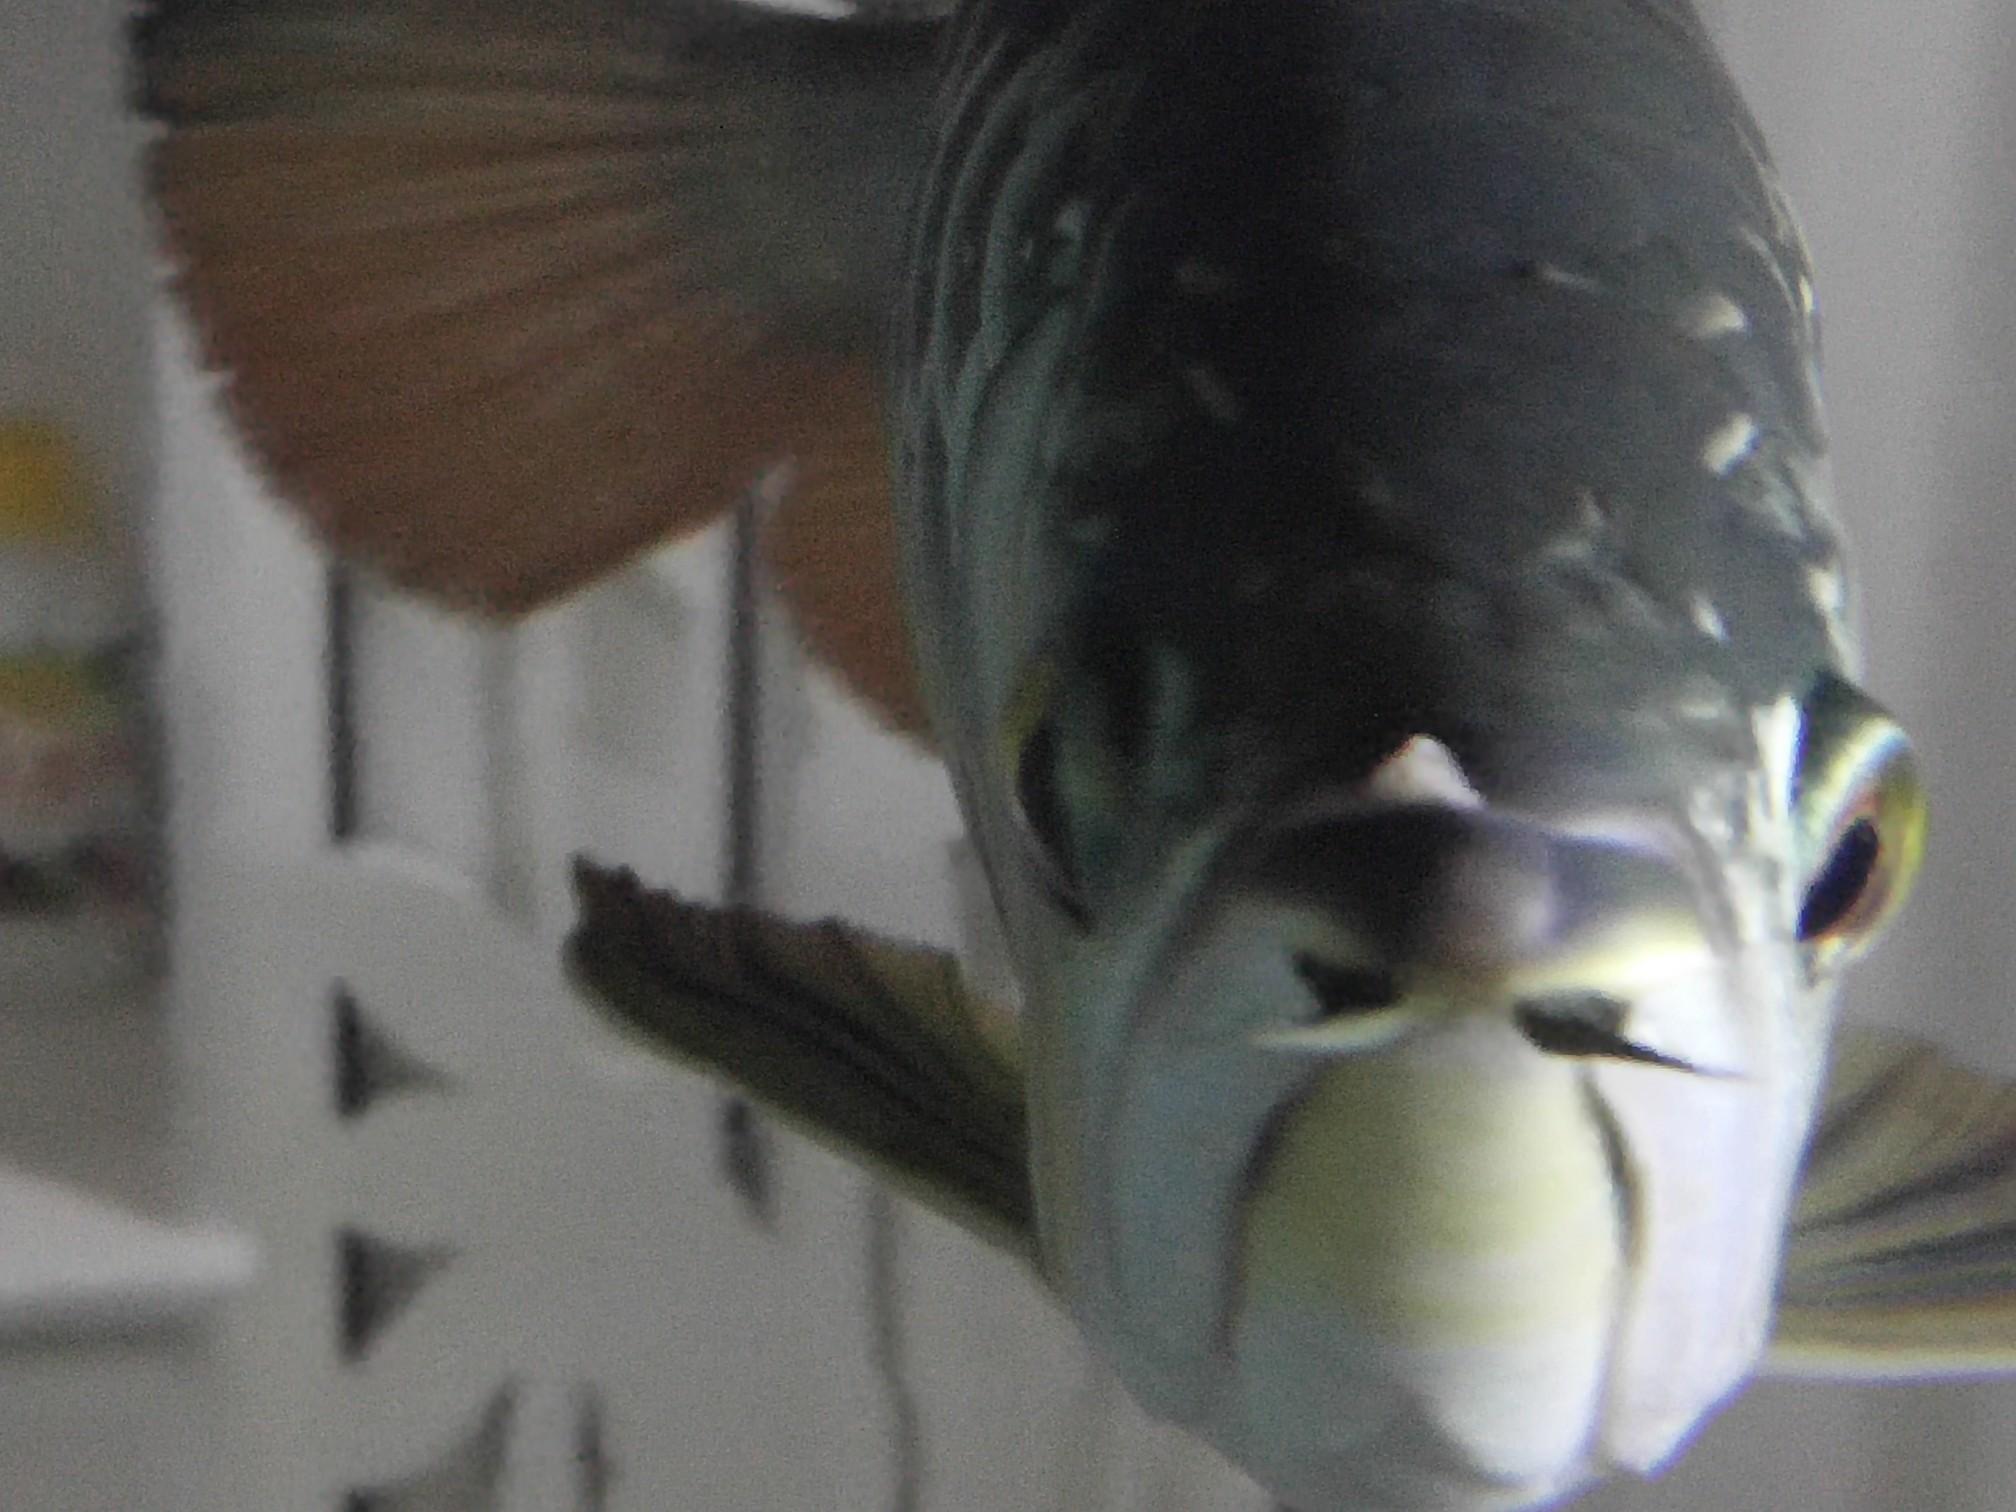 看看龙鱼嘴里长得什么 求治疗 西安观赏鱼信息 西安博特第3张